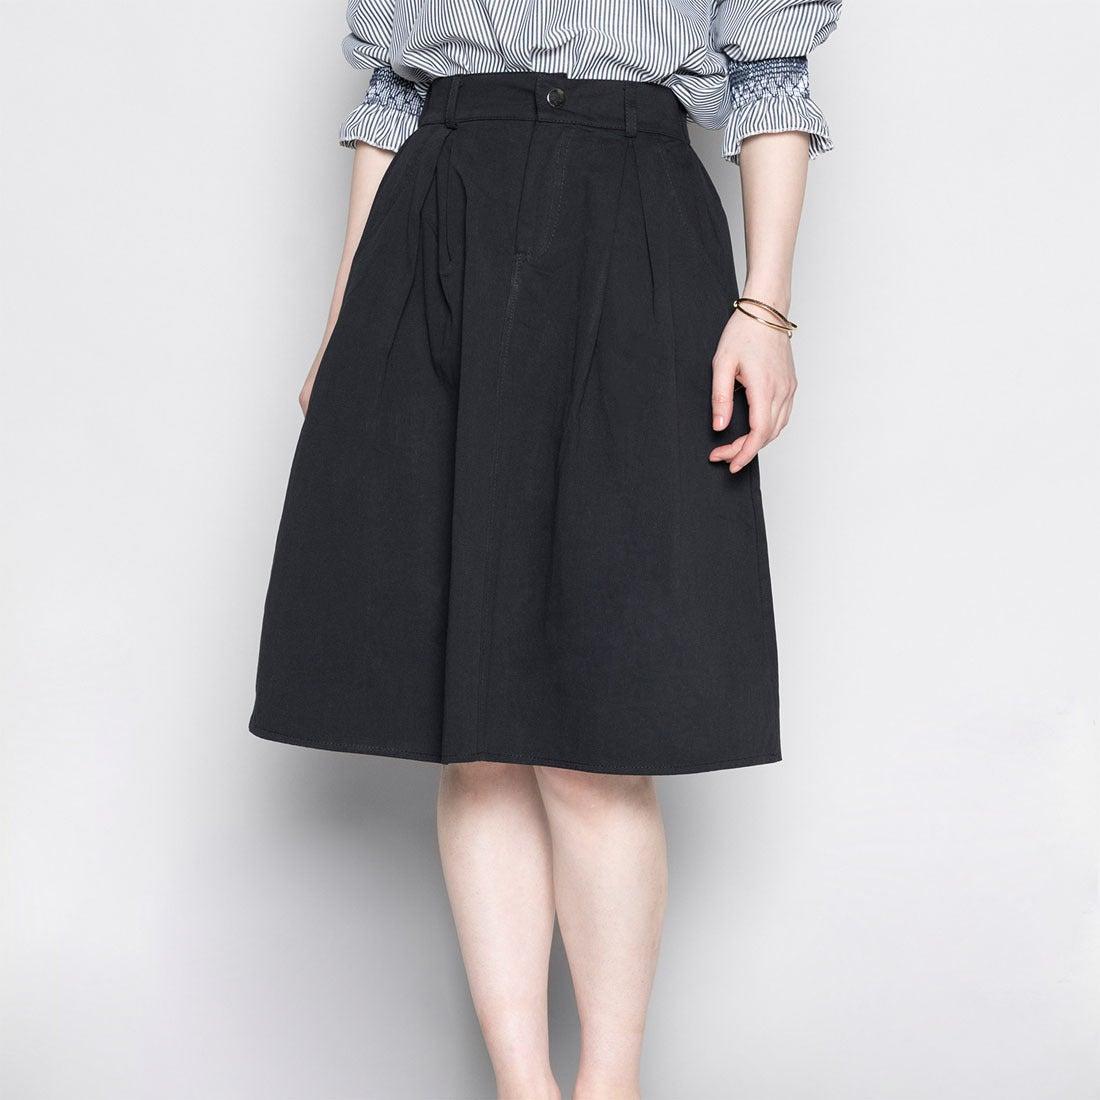 【ピーシーティー P・C・T】コットン100%ウエストストレッチ膝丈フレアスカート (BLACK)